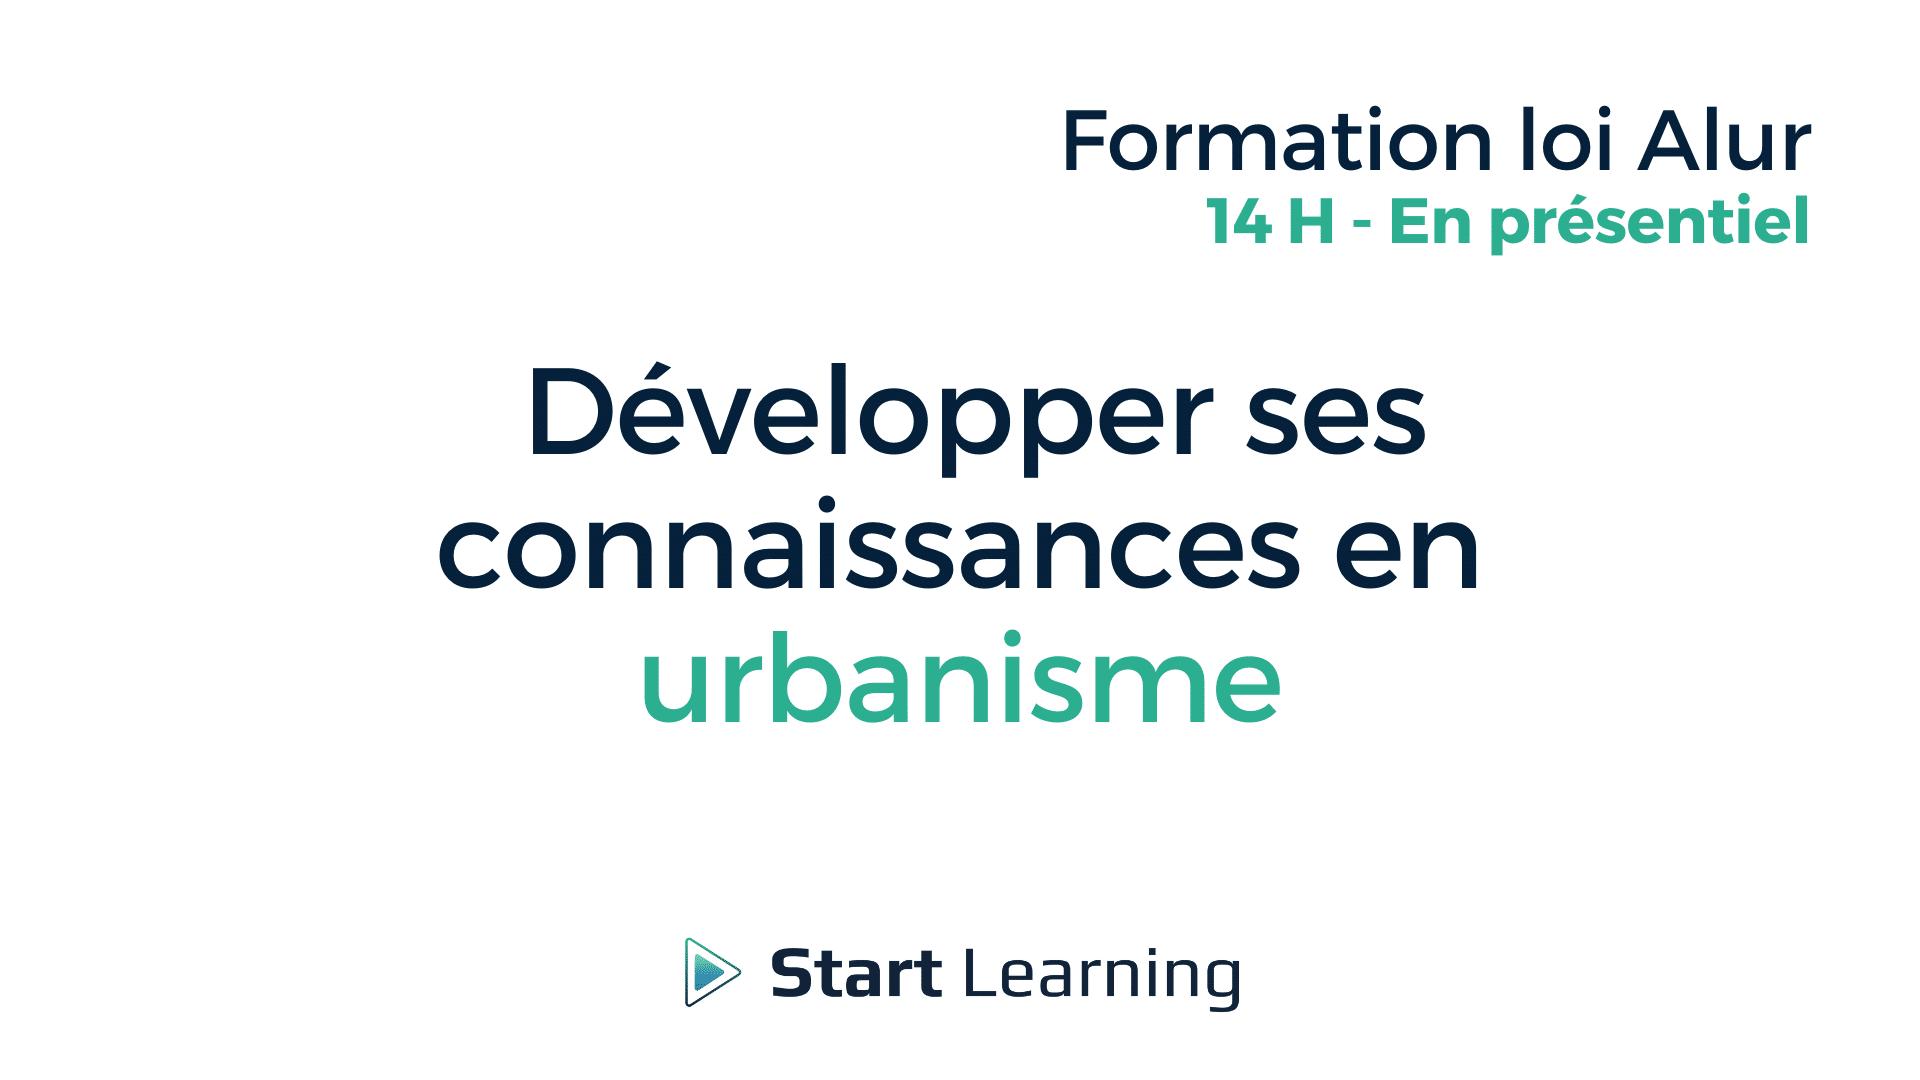 Formation loi Alur - Développer ses connaissances en urbanisme